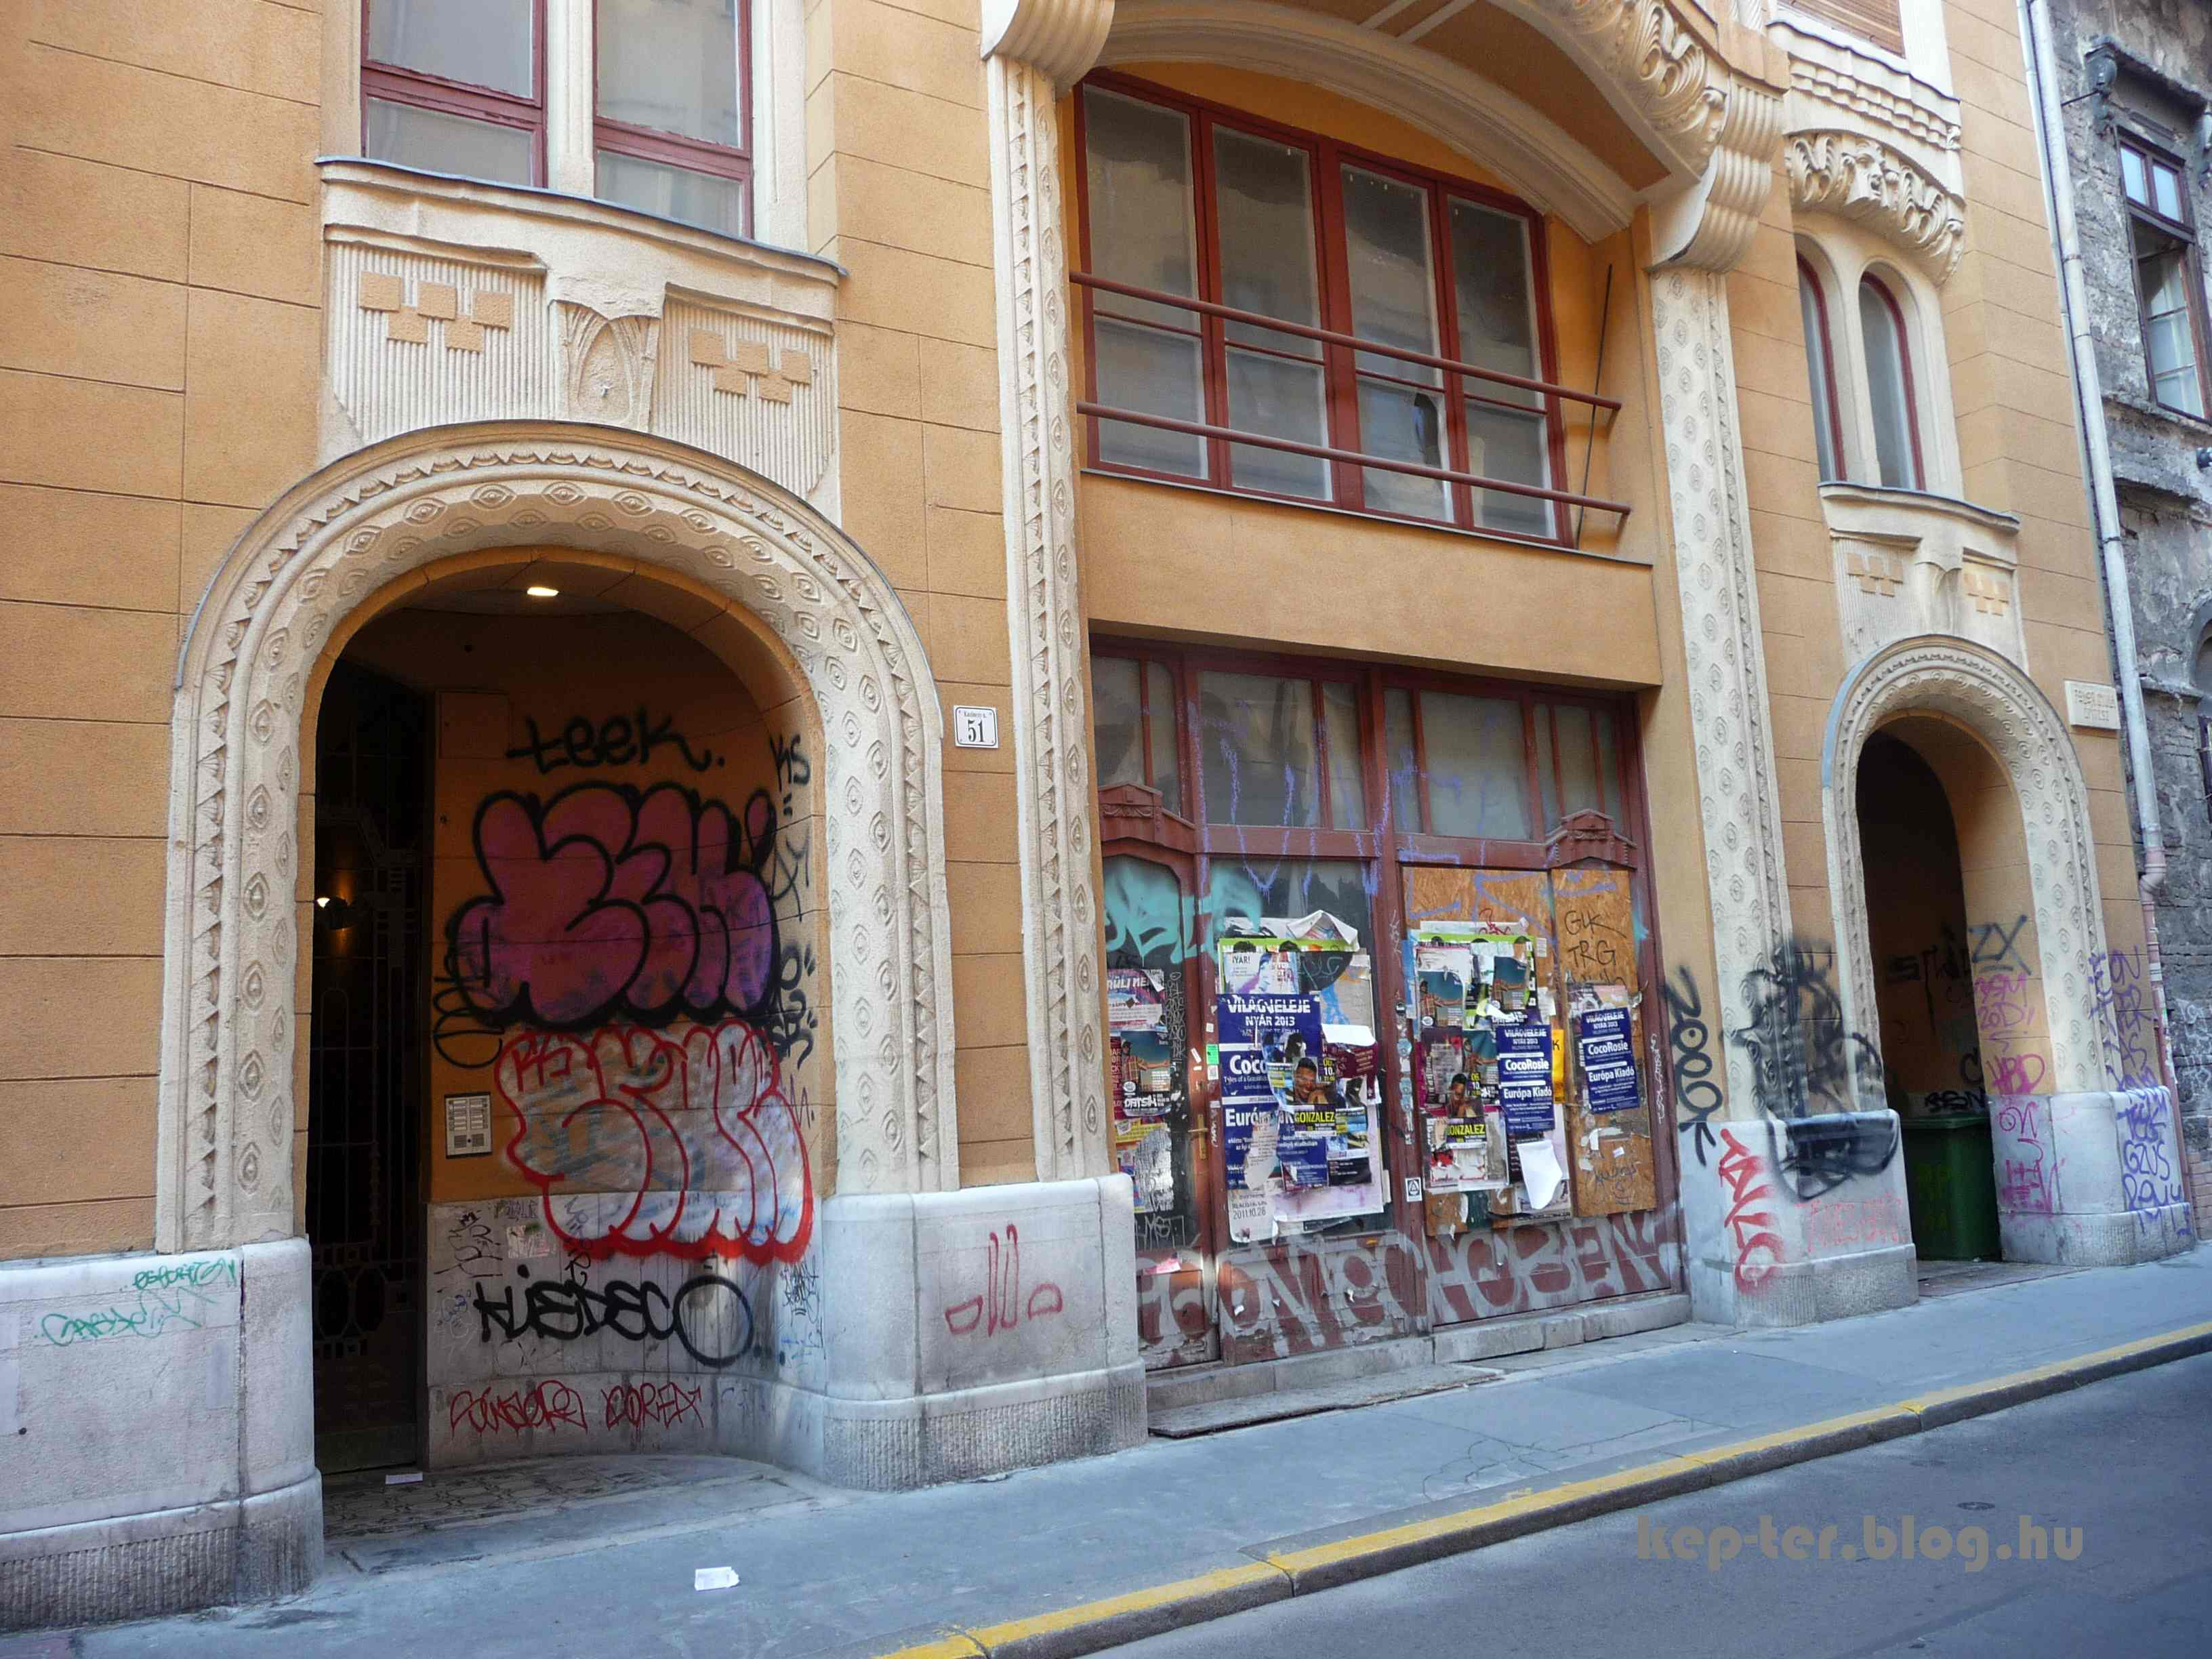 Ezt a képet még 2013-ban csináltam. A boltíves nyílásokba még nem szerelték fel a külső kapukat.